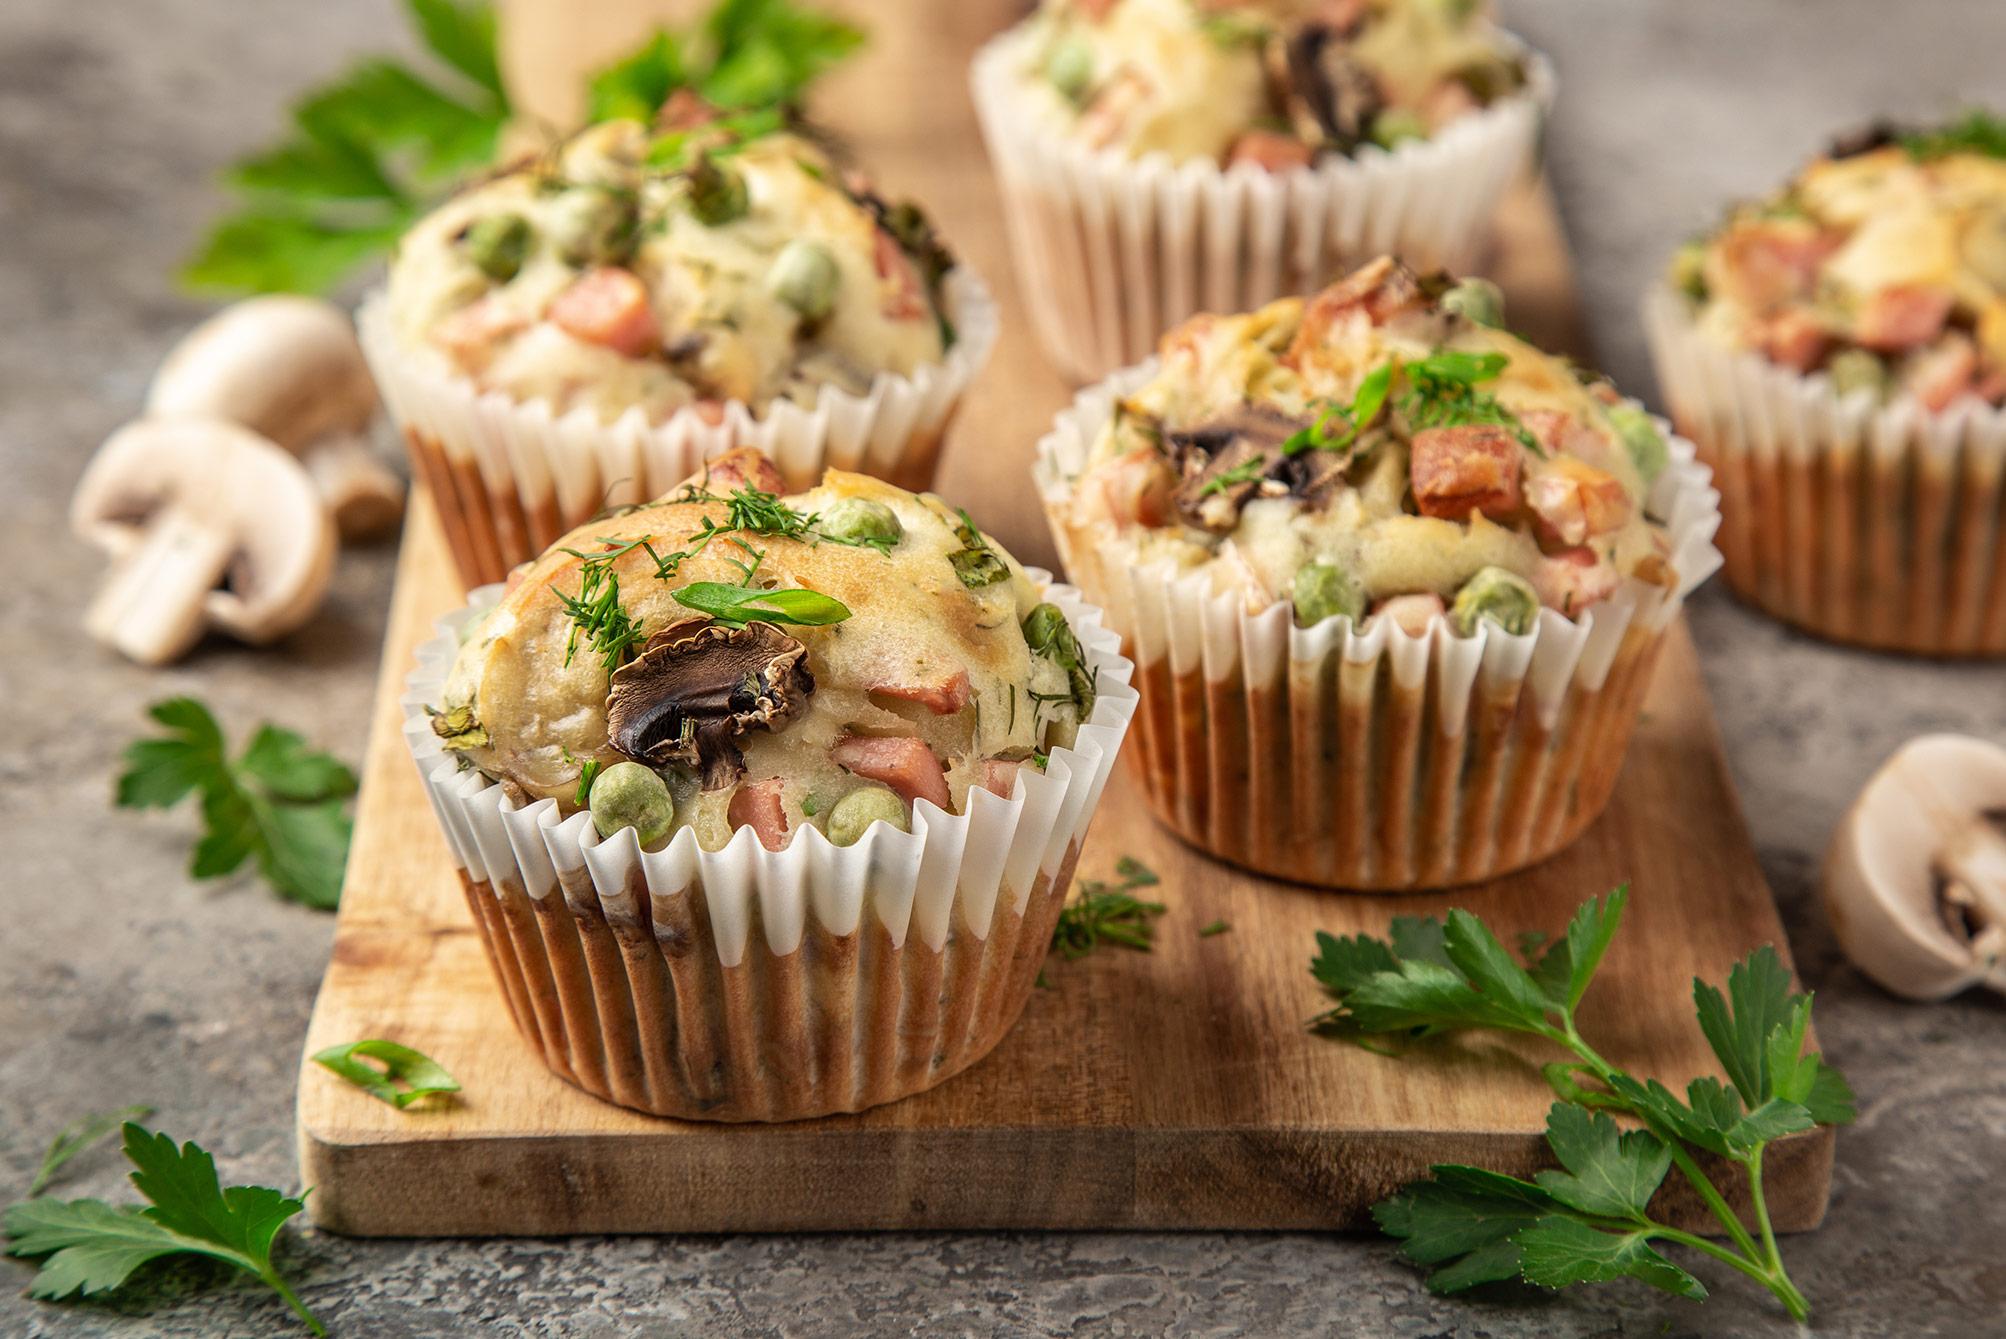 novacart muffins